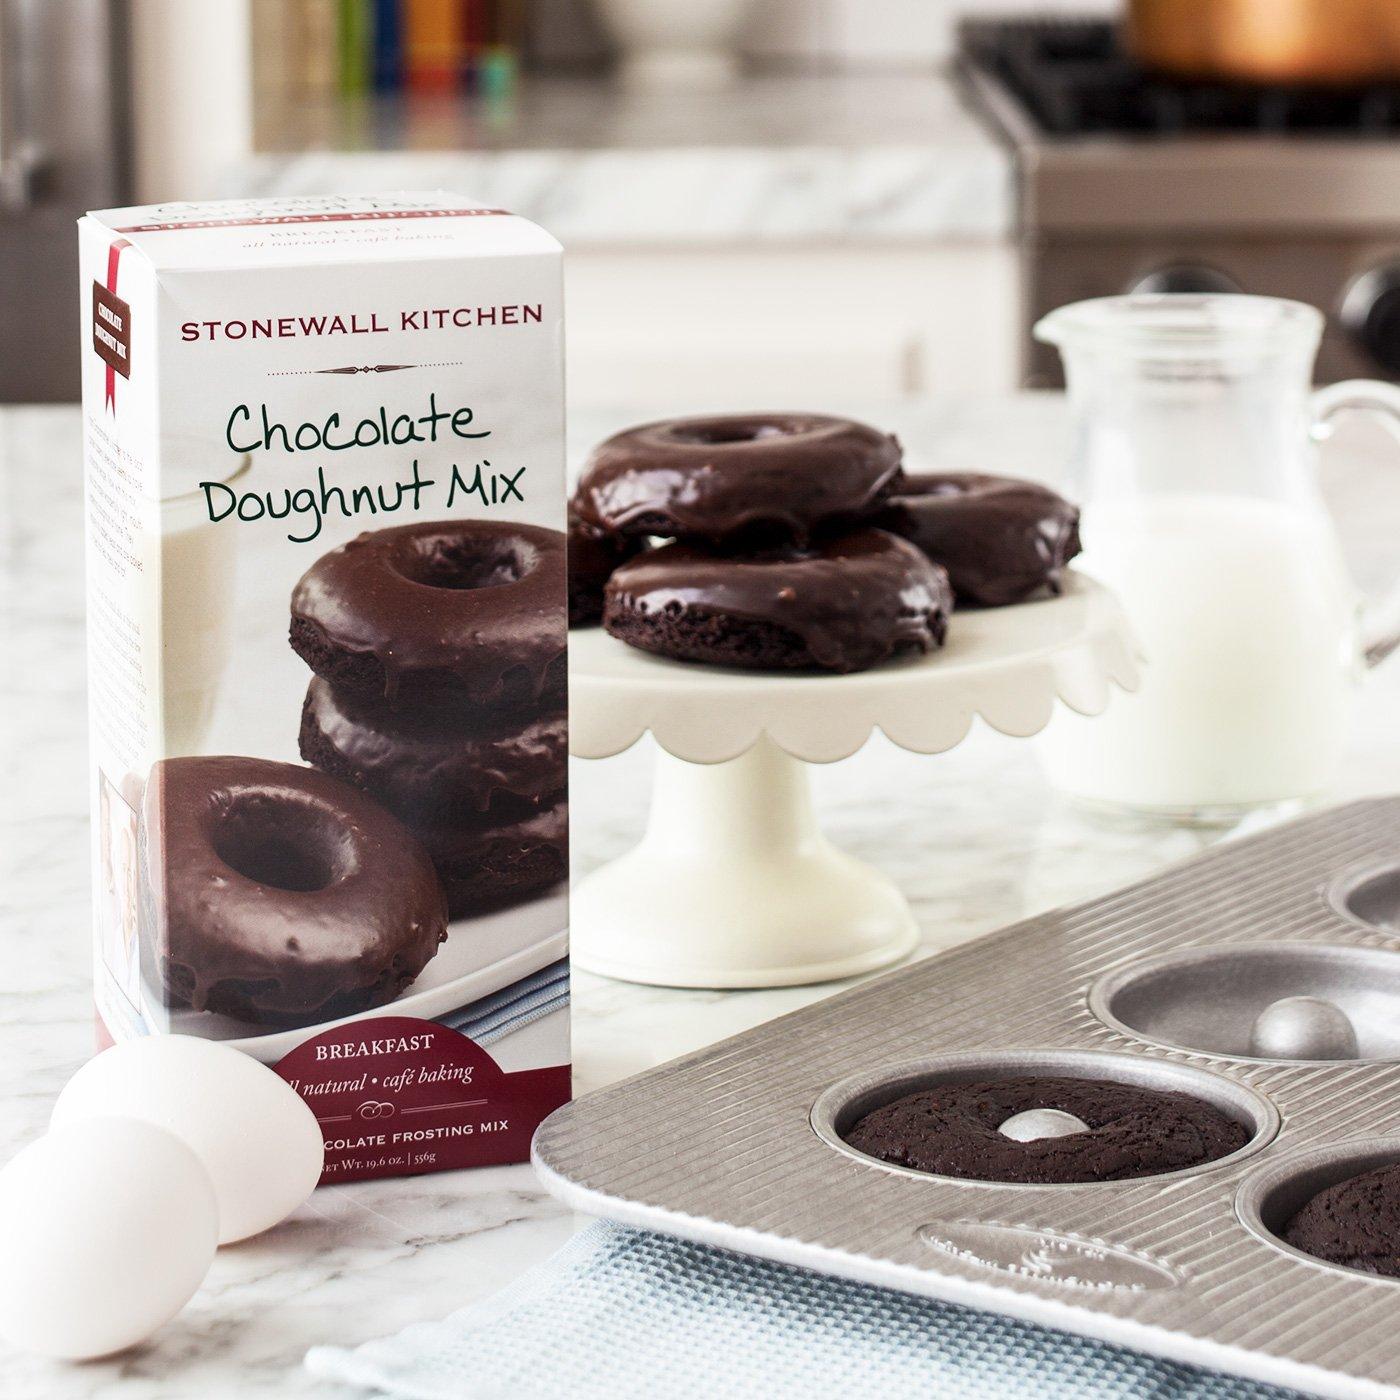 Stonewall Kitchen Chocolate Doughnut Mix, 19.6 Ounce Box